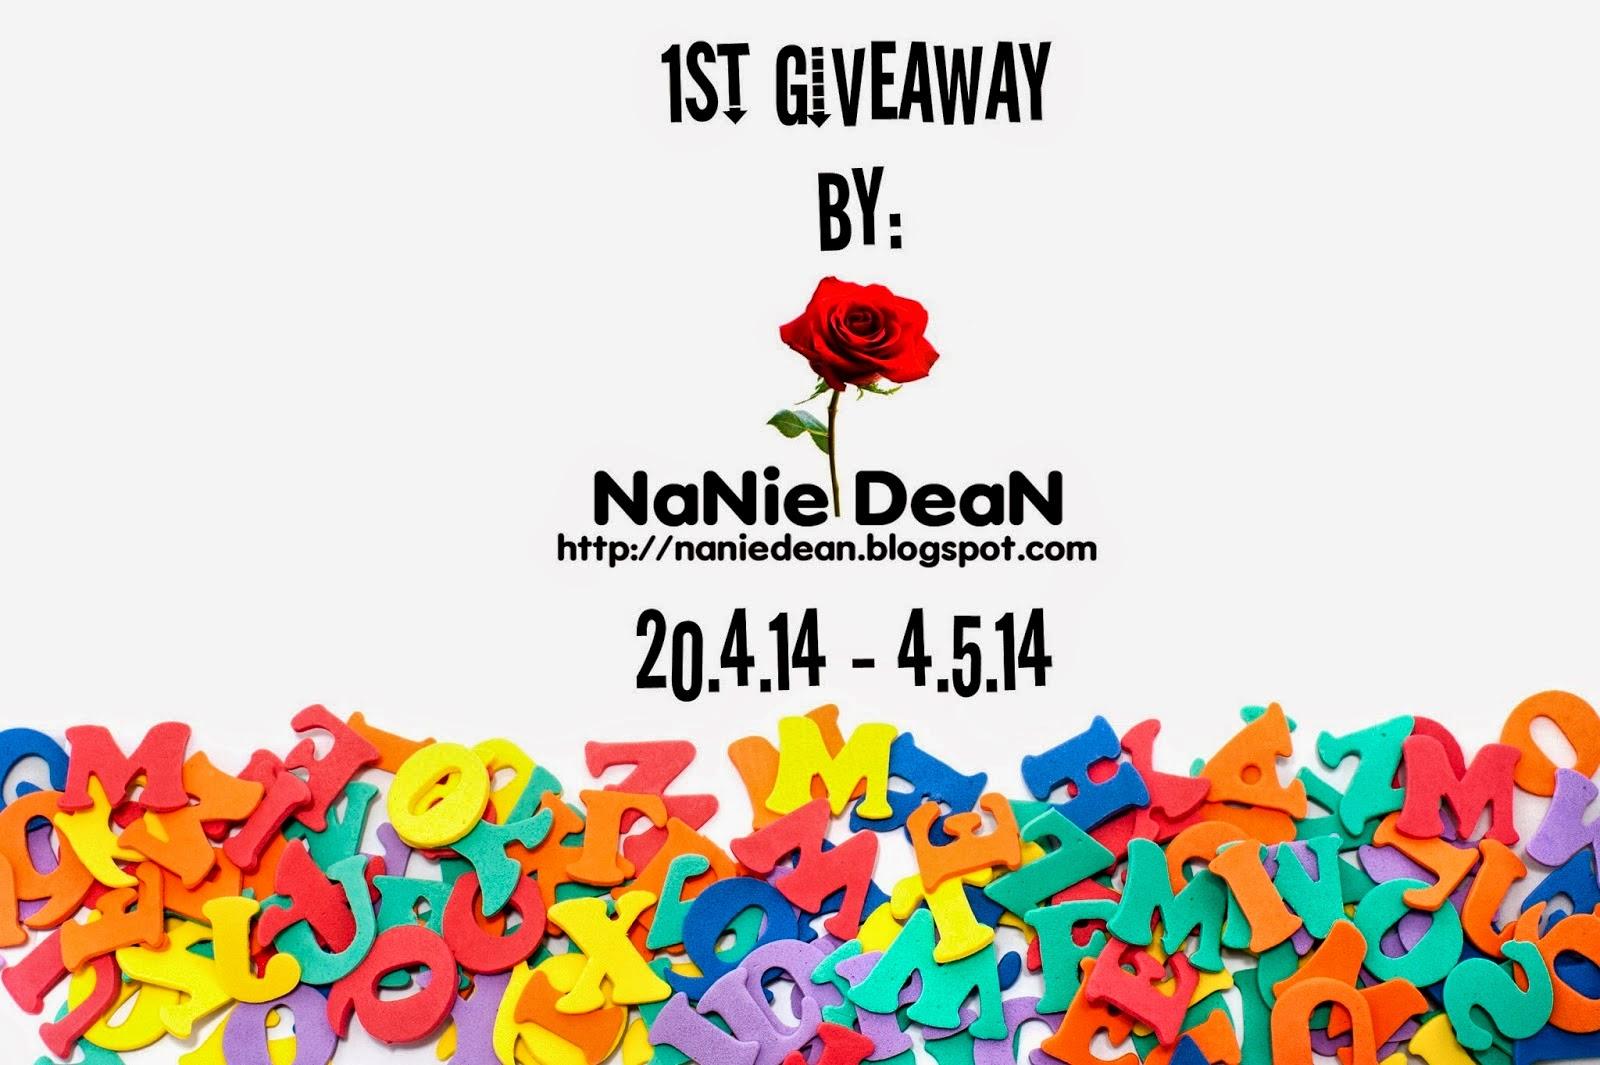 http://naniedean.blogspot.com/2014/04/1st-mini-ga-by-nanie-dean.html